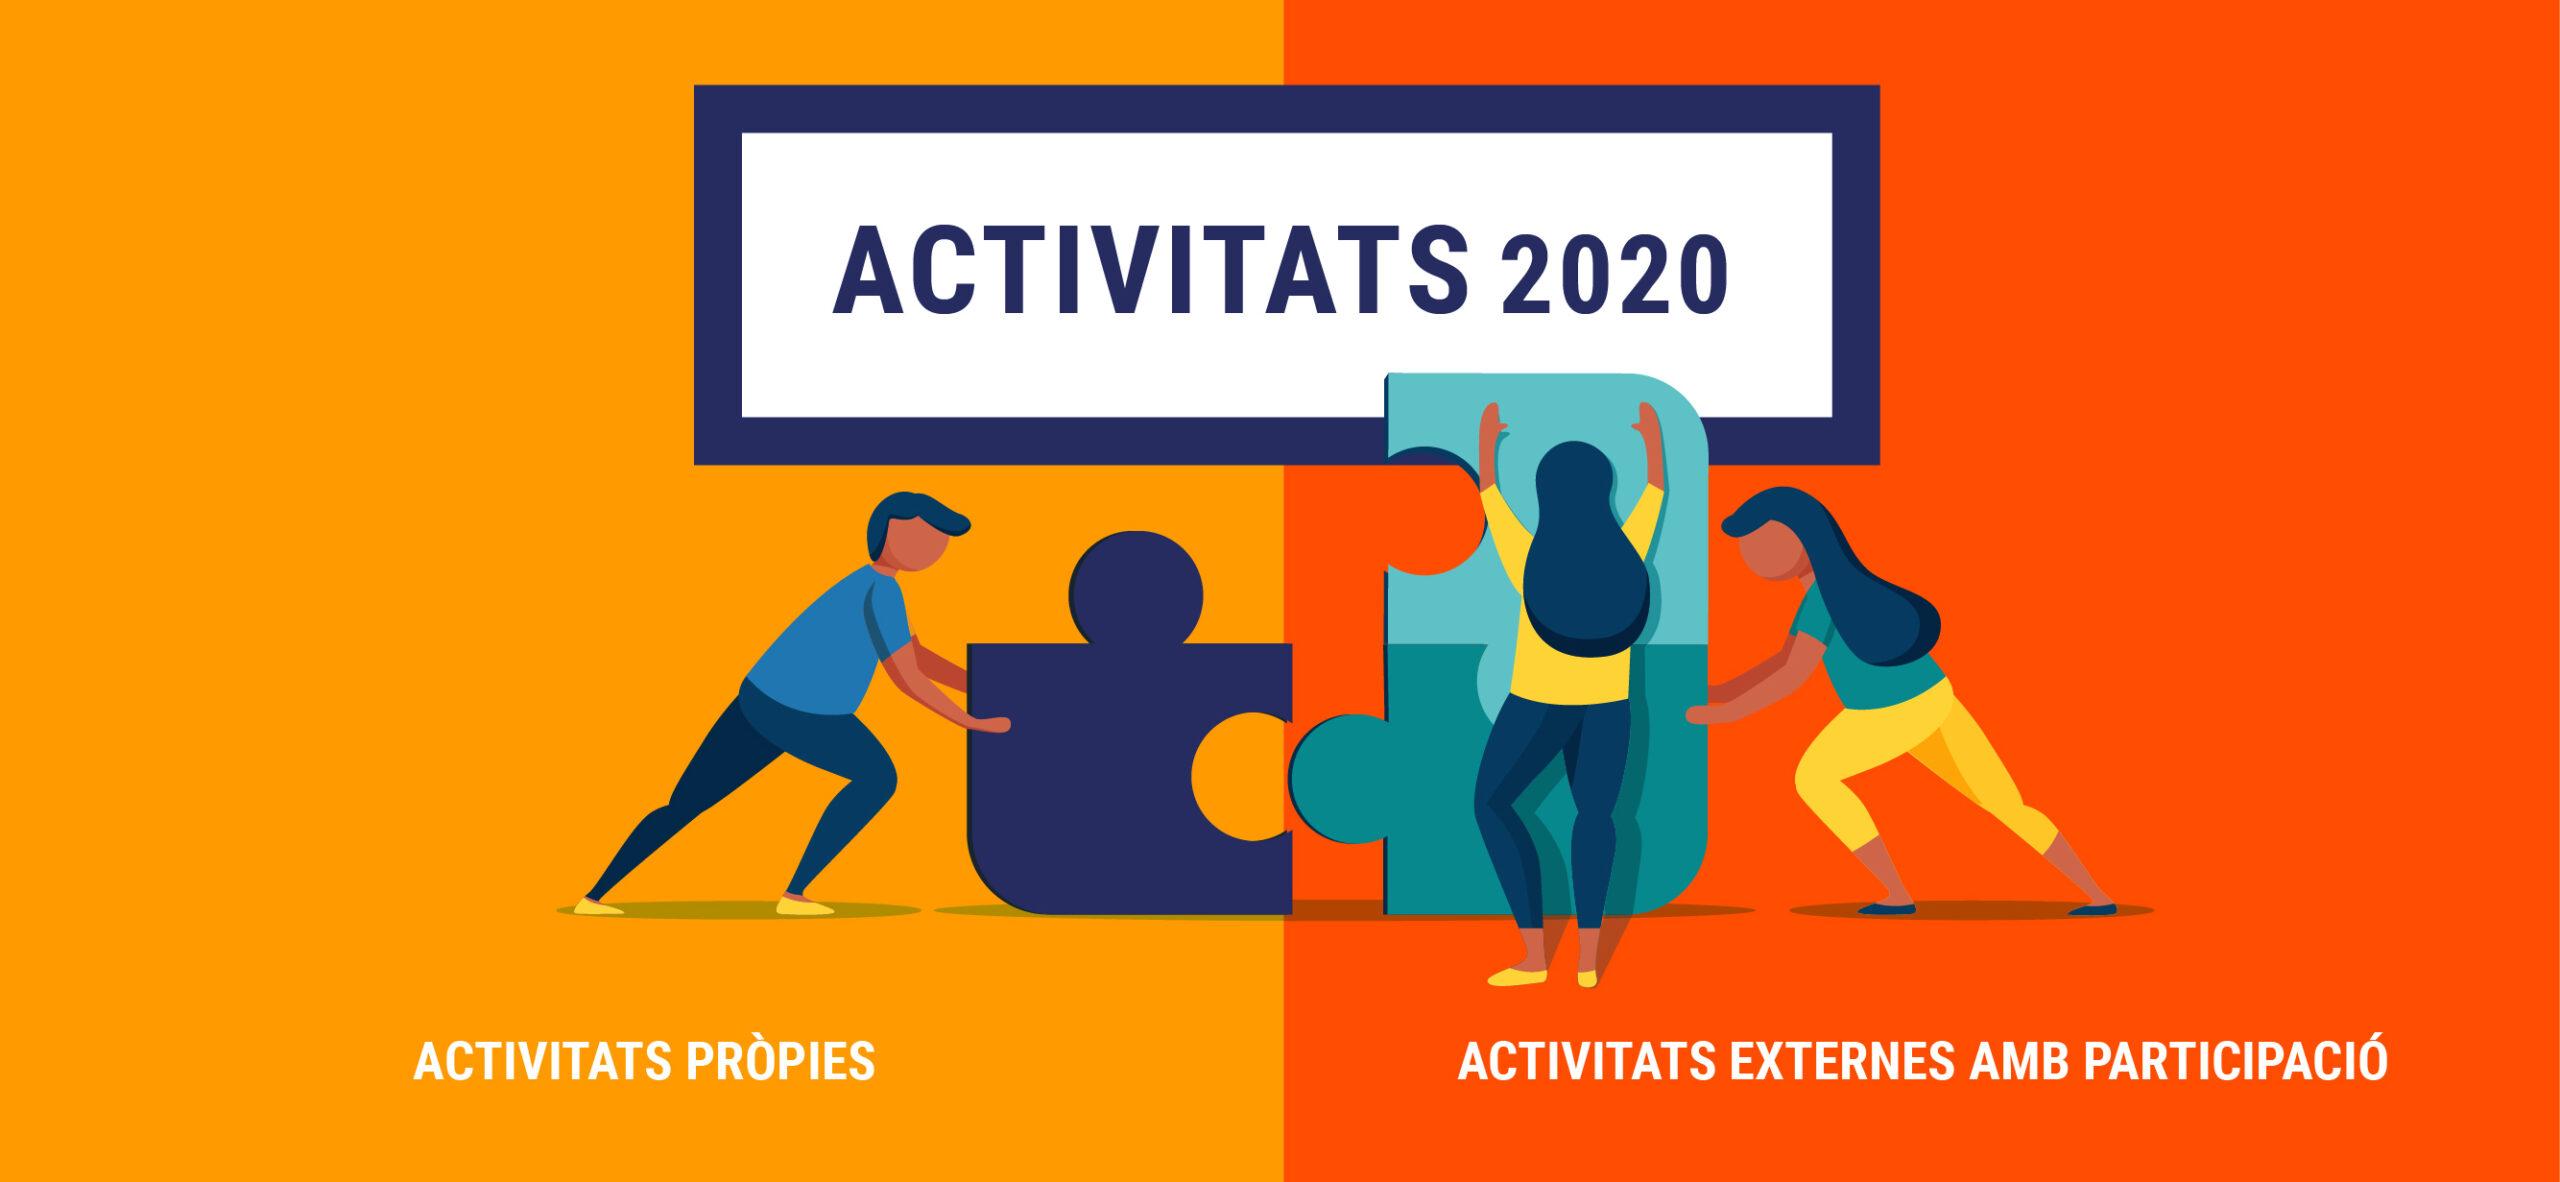 Activitats de l'ADC durant el 2020